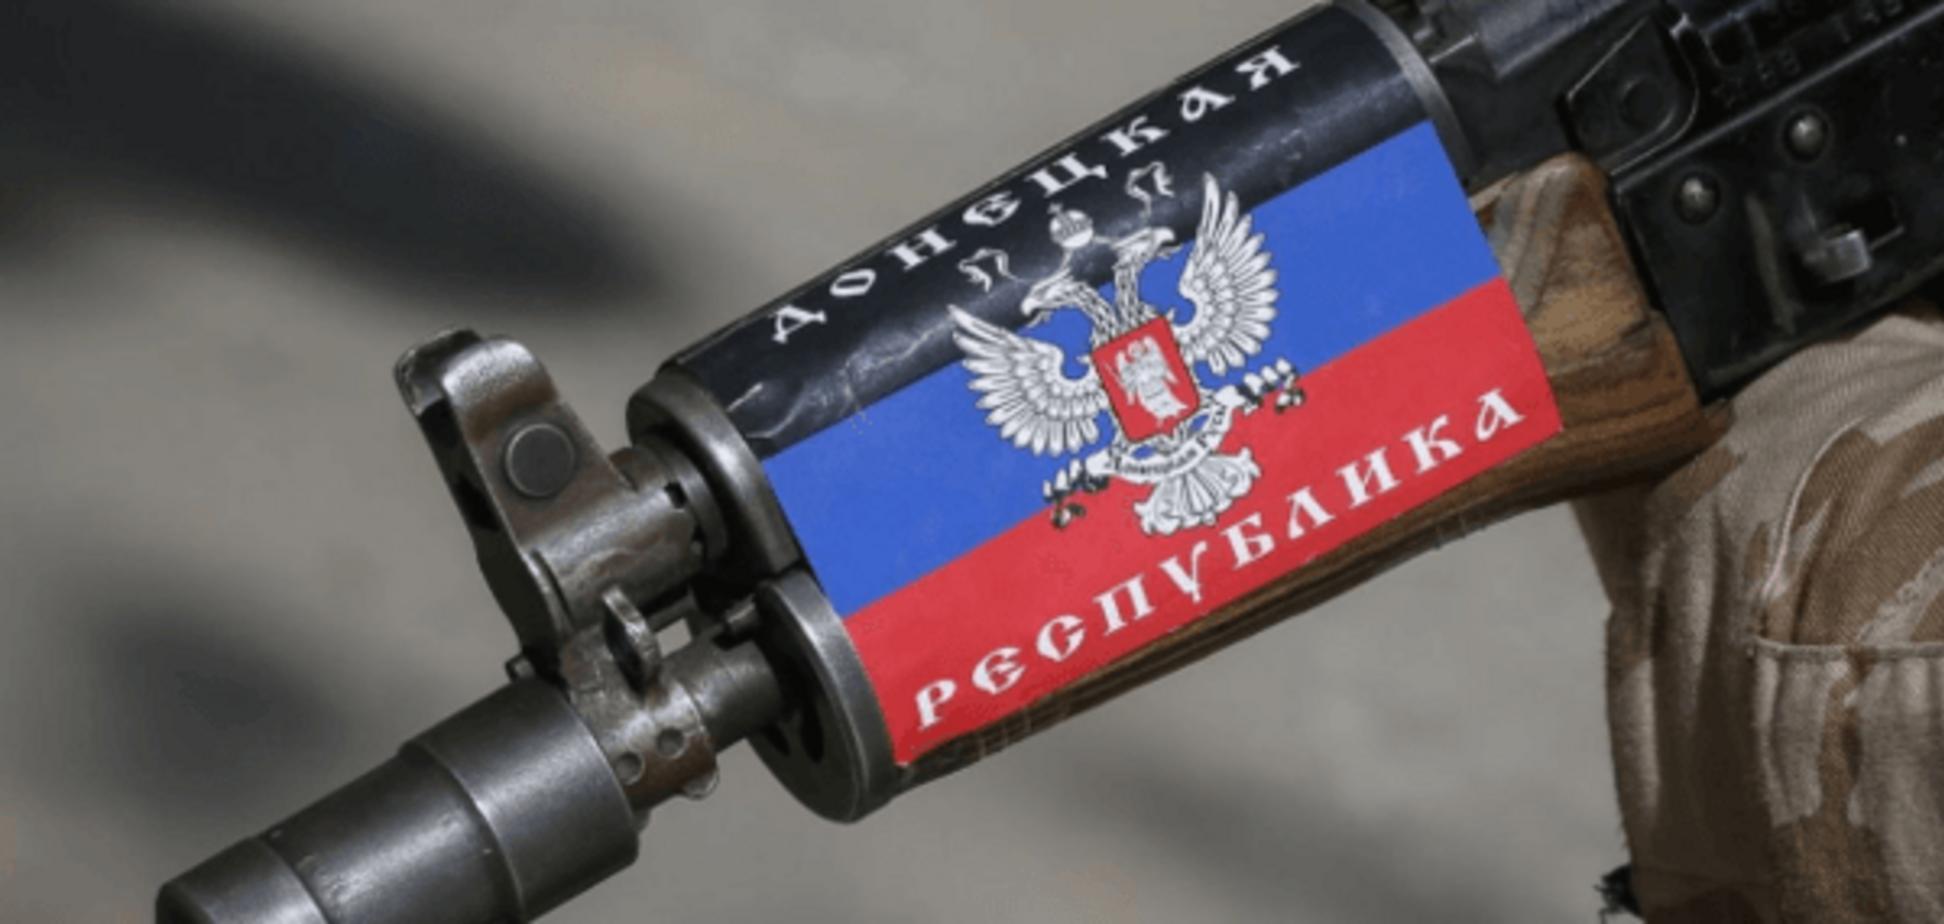 Окупанти почали знищувати меткомбінат в Алчевську - розвідка